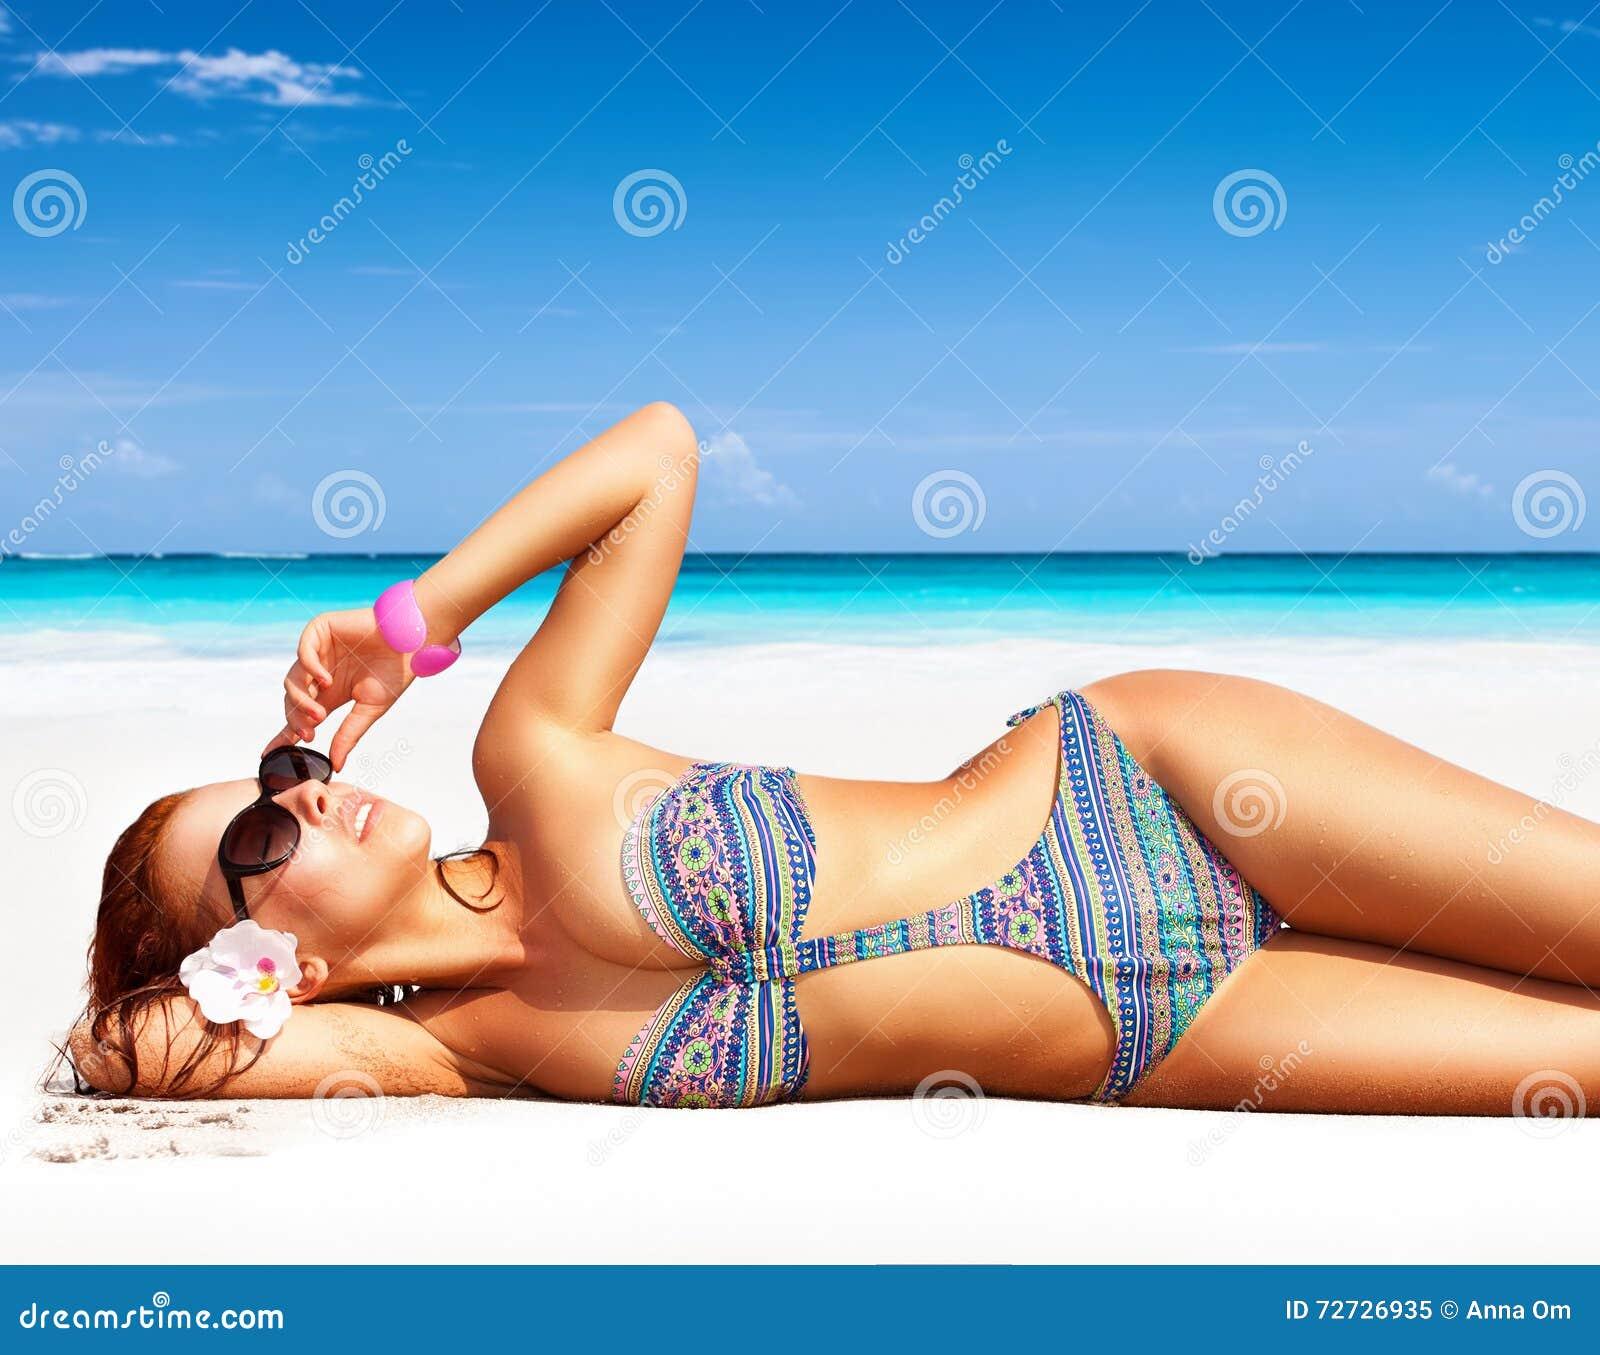 Woman With Beautiful Body In Bikini At Beach Stock Image: Beautiful Woman On The Beach Stock Image